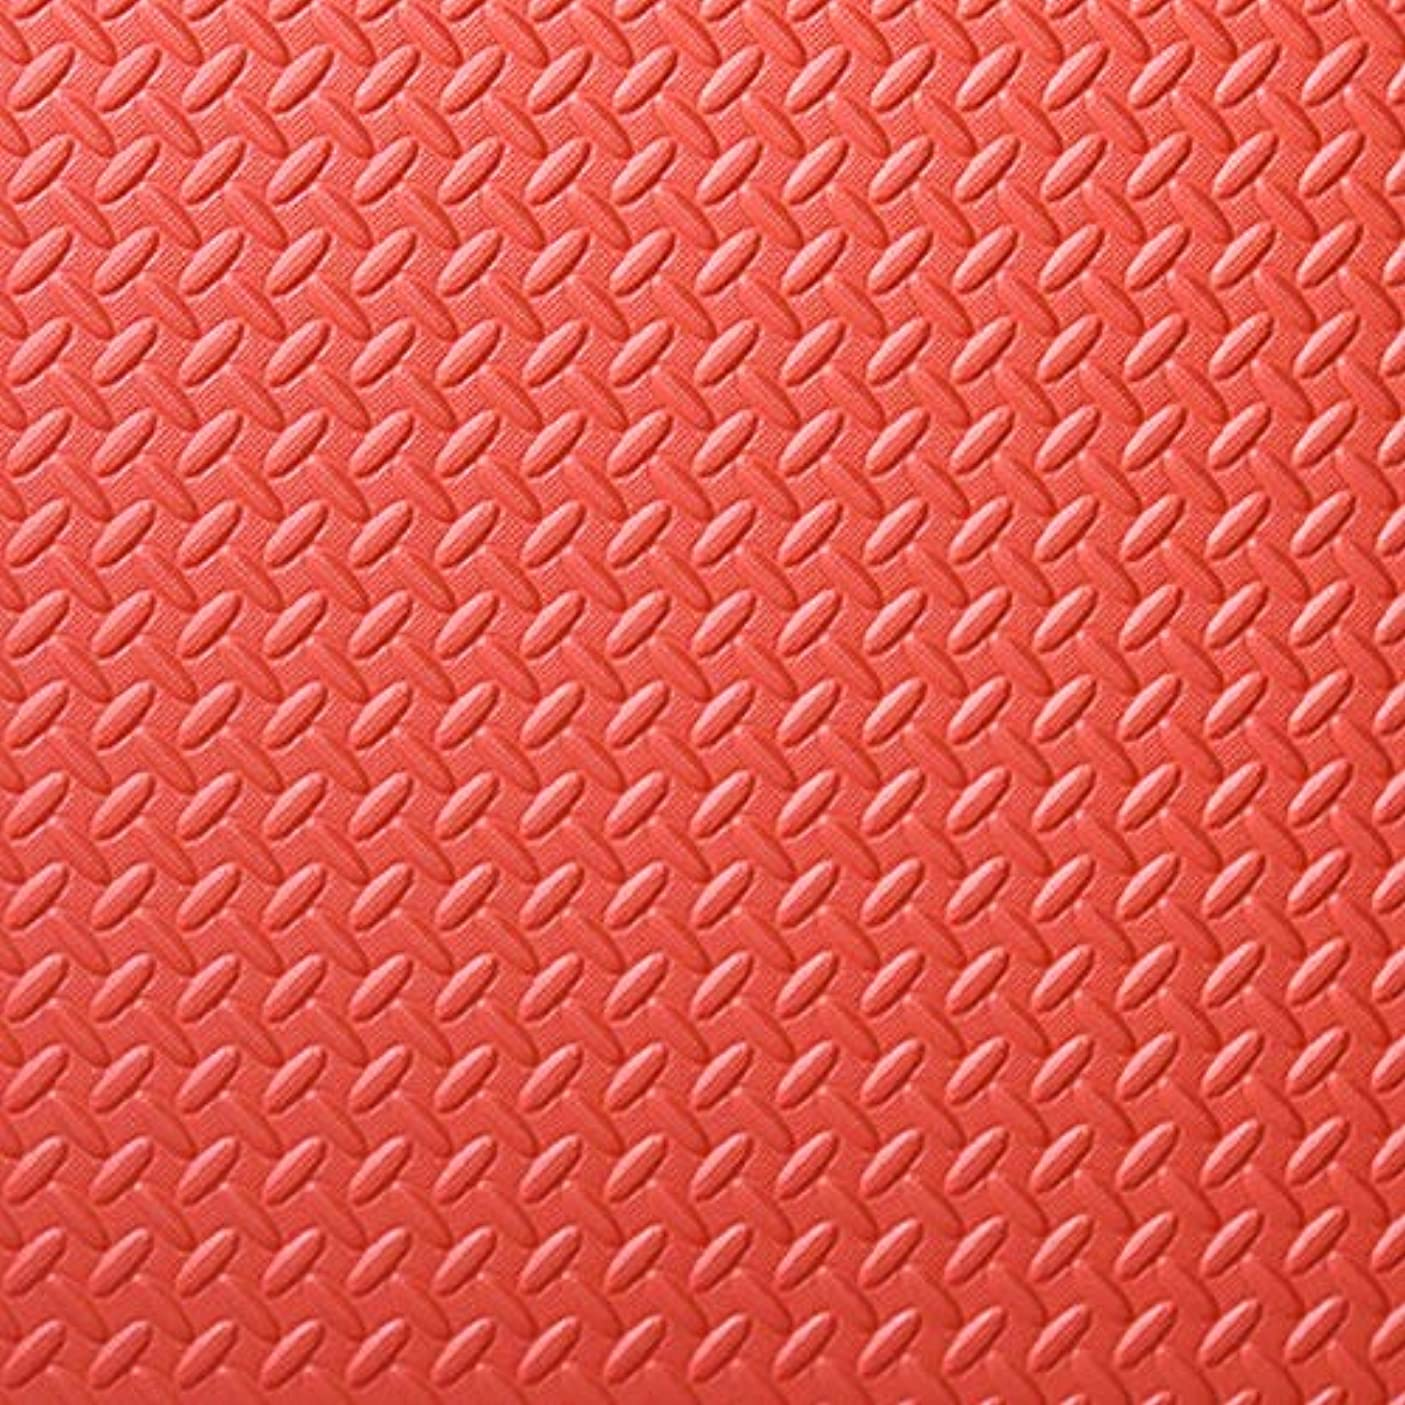 ジョイントマット カラーカーペット 大判 無地 タイル 30×30×1.2cm 20枚 パズルマット 縁あり 衝撃を吸収し おくだけ吸着 環境に優しい 断熱 抗菌?防ダニ加工 防音 ベビー 床暖房対応 レッド